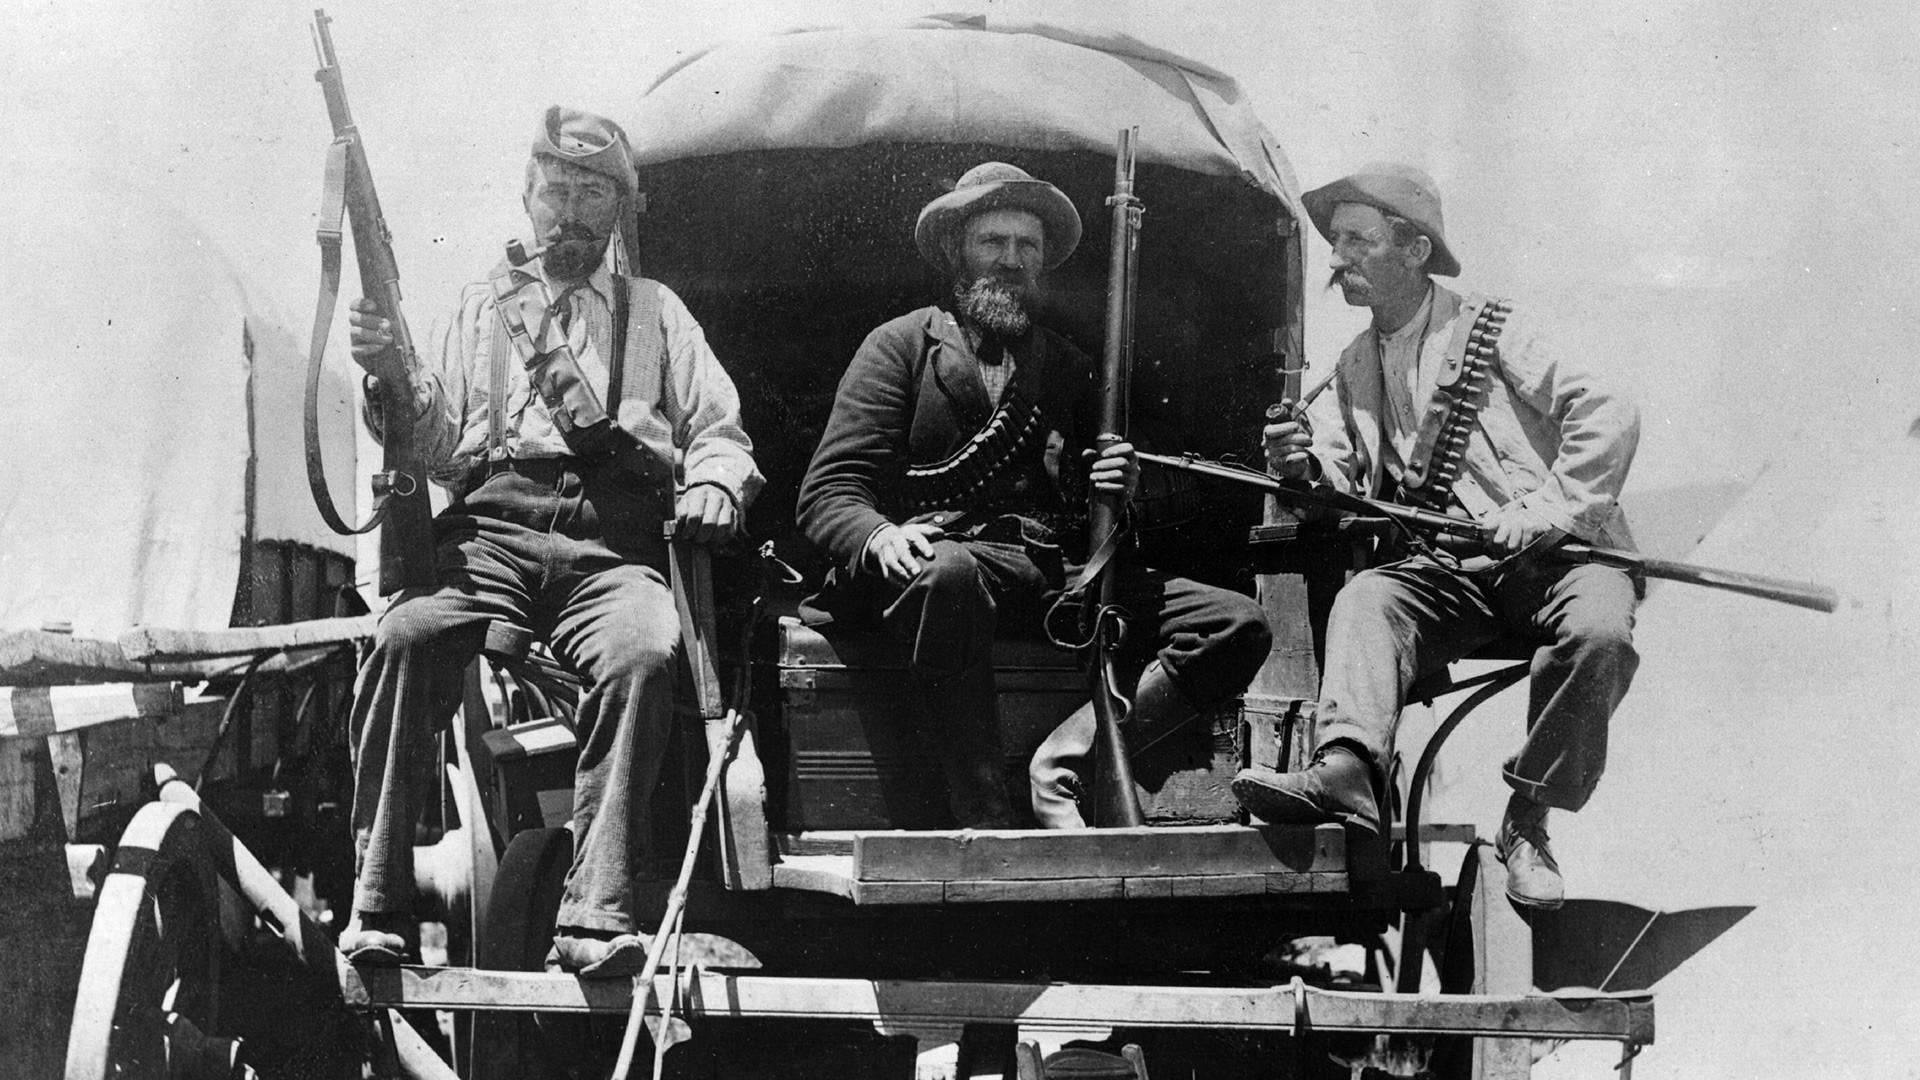 第二次ボーア戦争、アフリカーナーたち